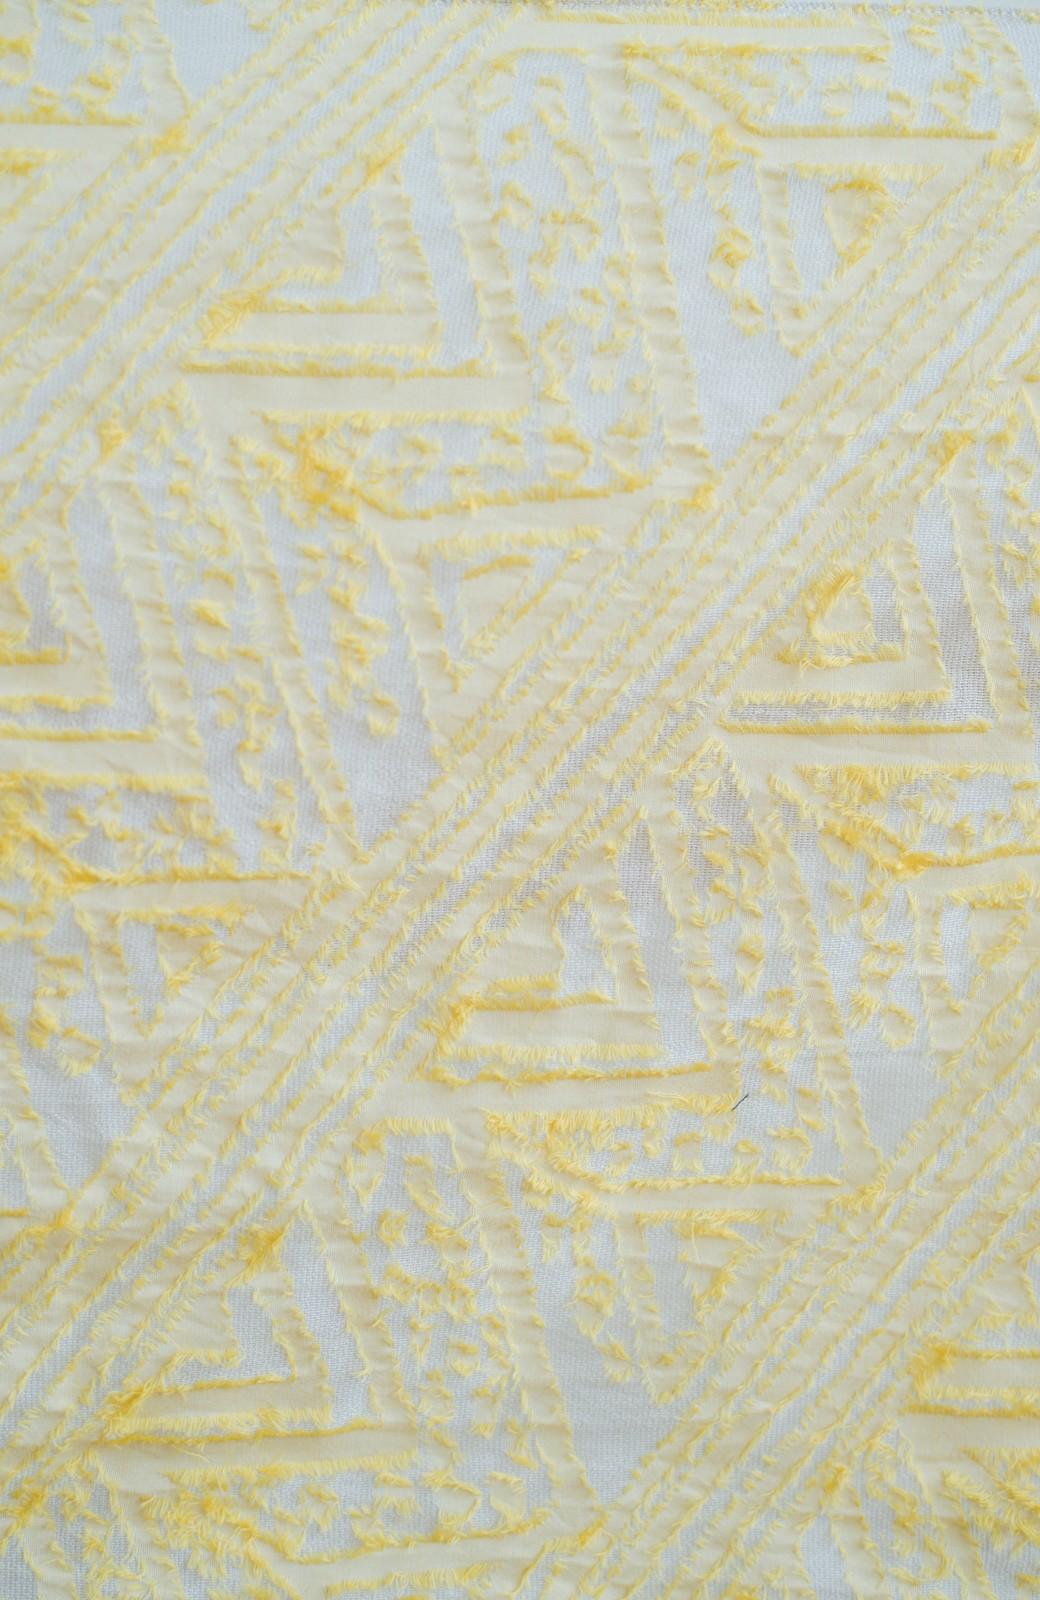 haco! Qualia 幾何学模様のカットジャガードストール <イエロー>の商品写真2